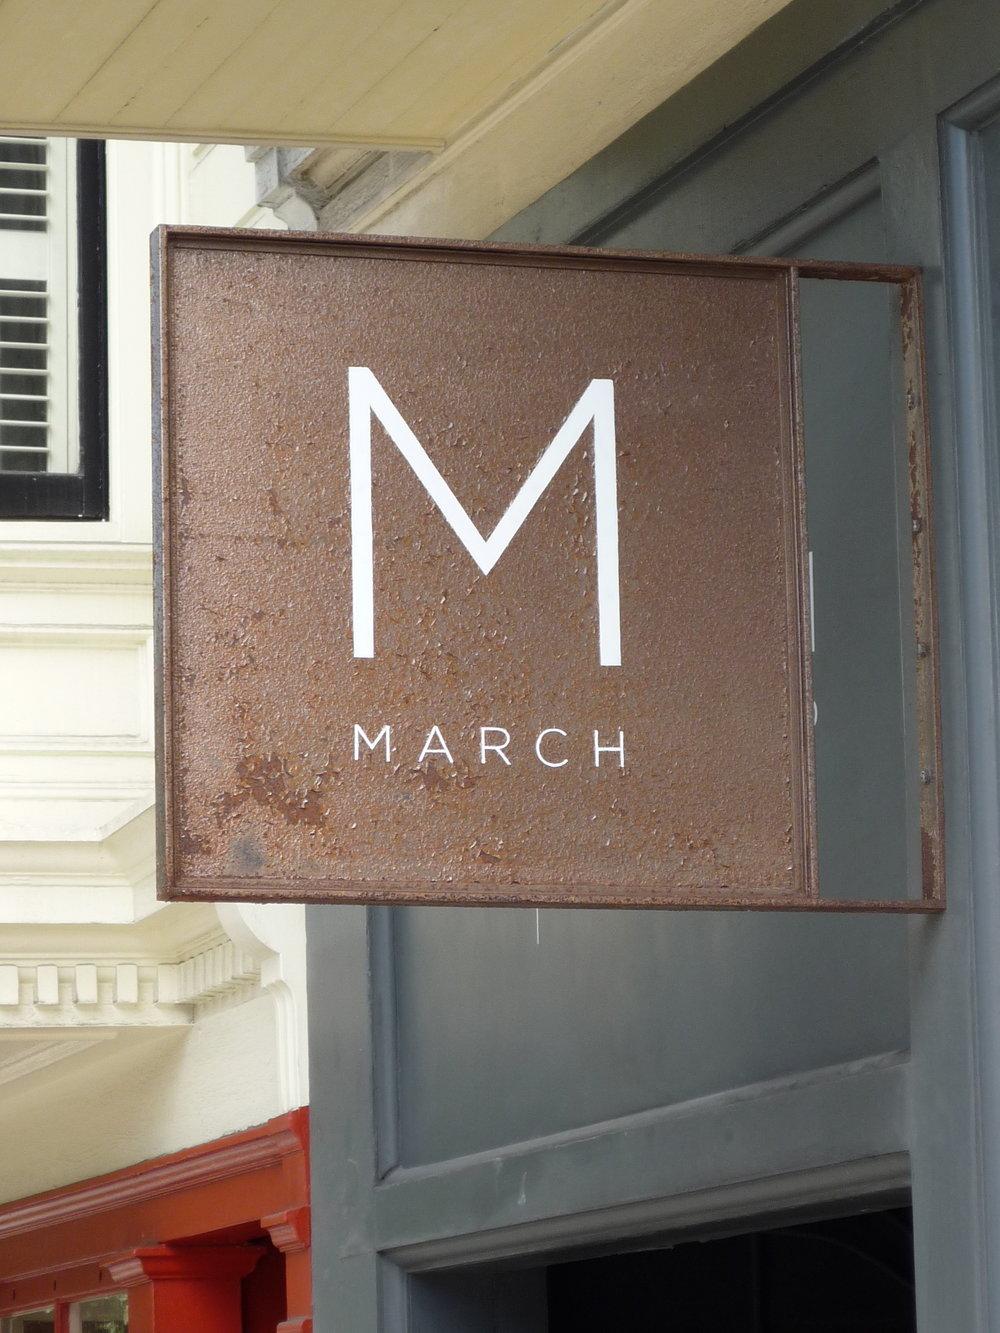 HAND-march_3131874264_o.jpg